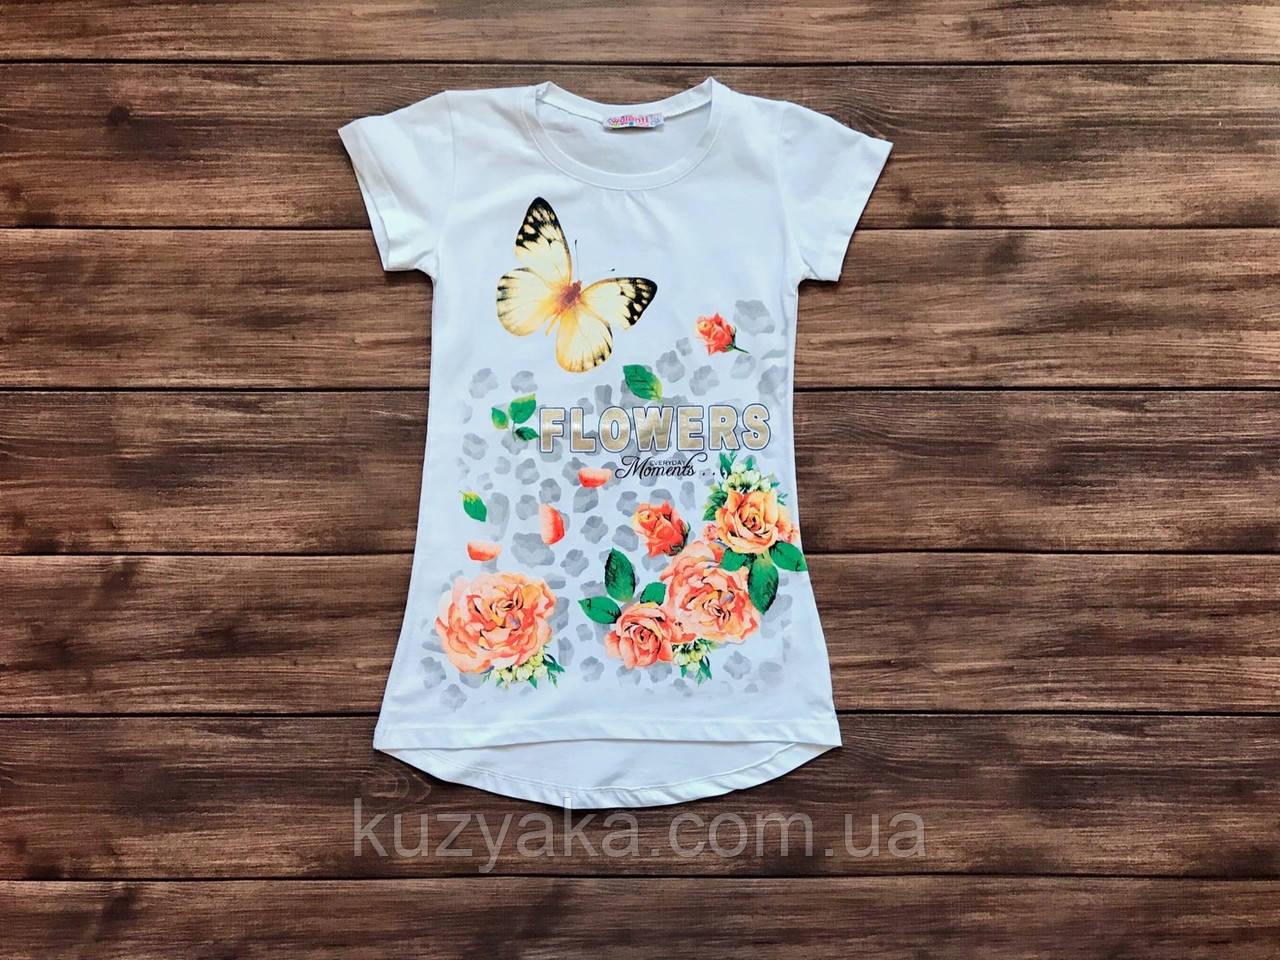 Дитяча футболка-туніка для дівчинки на 9-13 років